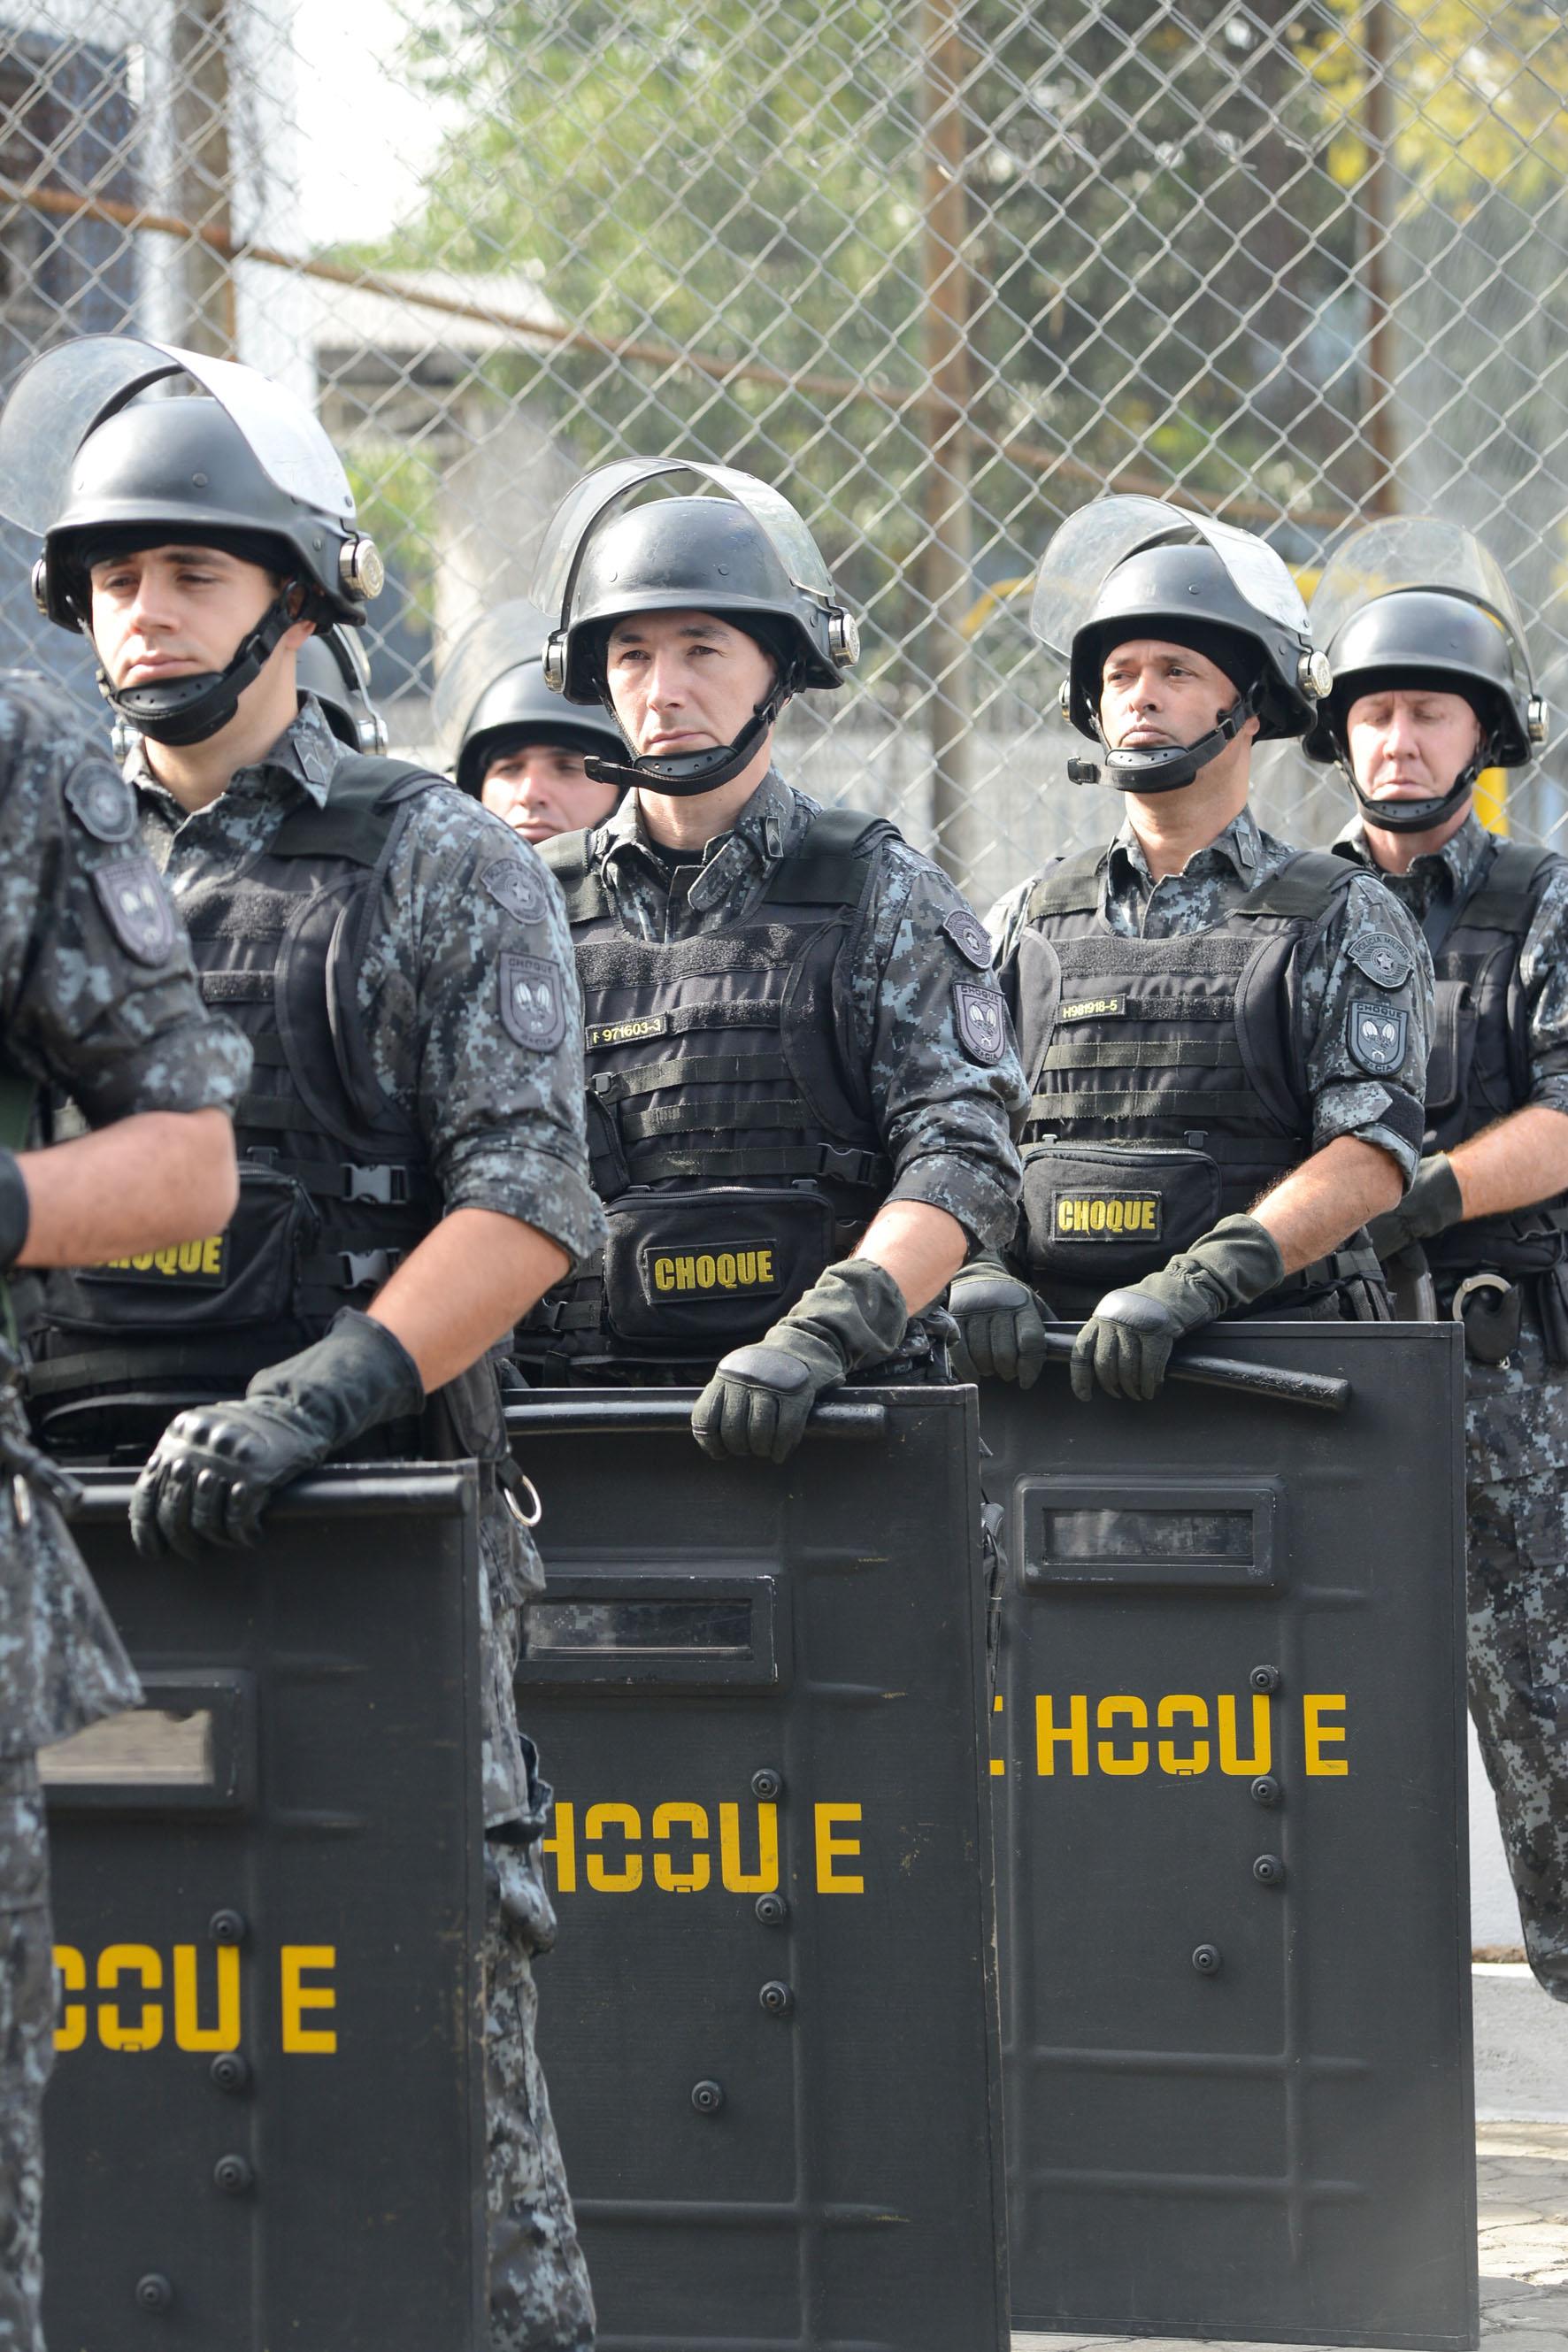 Policiais do 3º Batalhão de Choque Humaitá<a style='float:right' href='https://www3.al.sp.gov.br/repositorio/noticia/N-06-2016/fg192337.jpg' target=_blank><img src='/_img/material-file-download-white.png' width='14px' alt='Clique para baixar a imagem'></a>